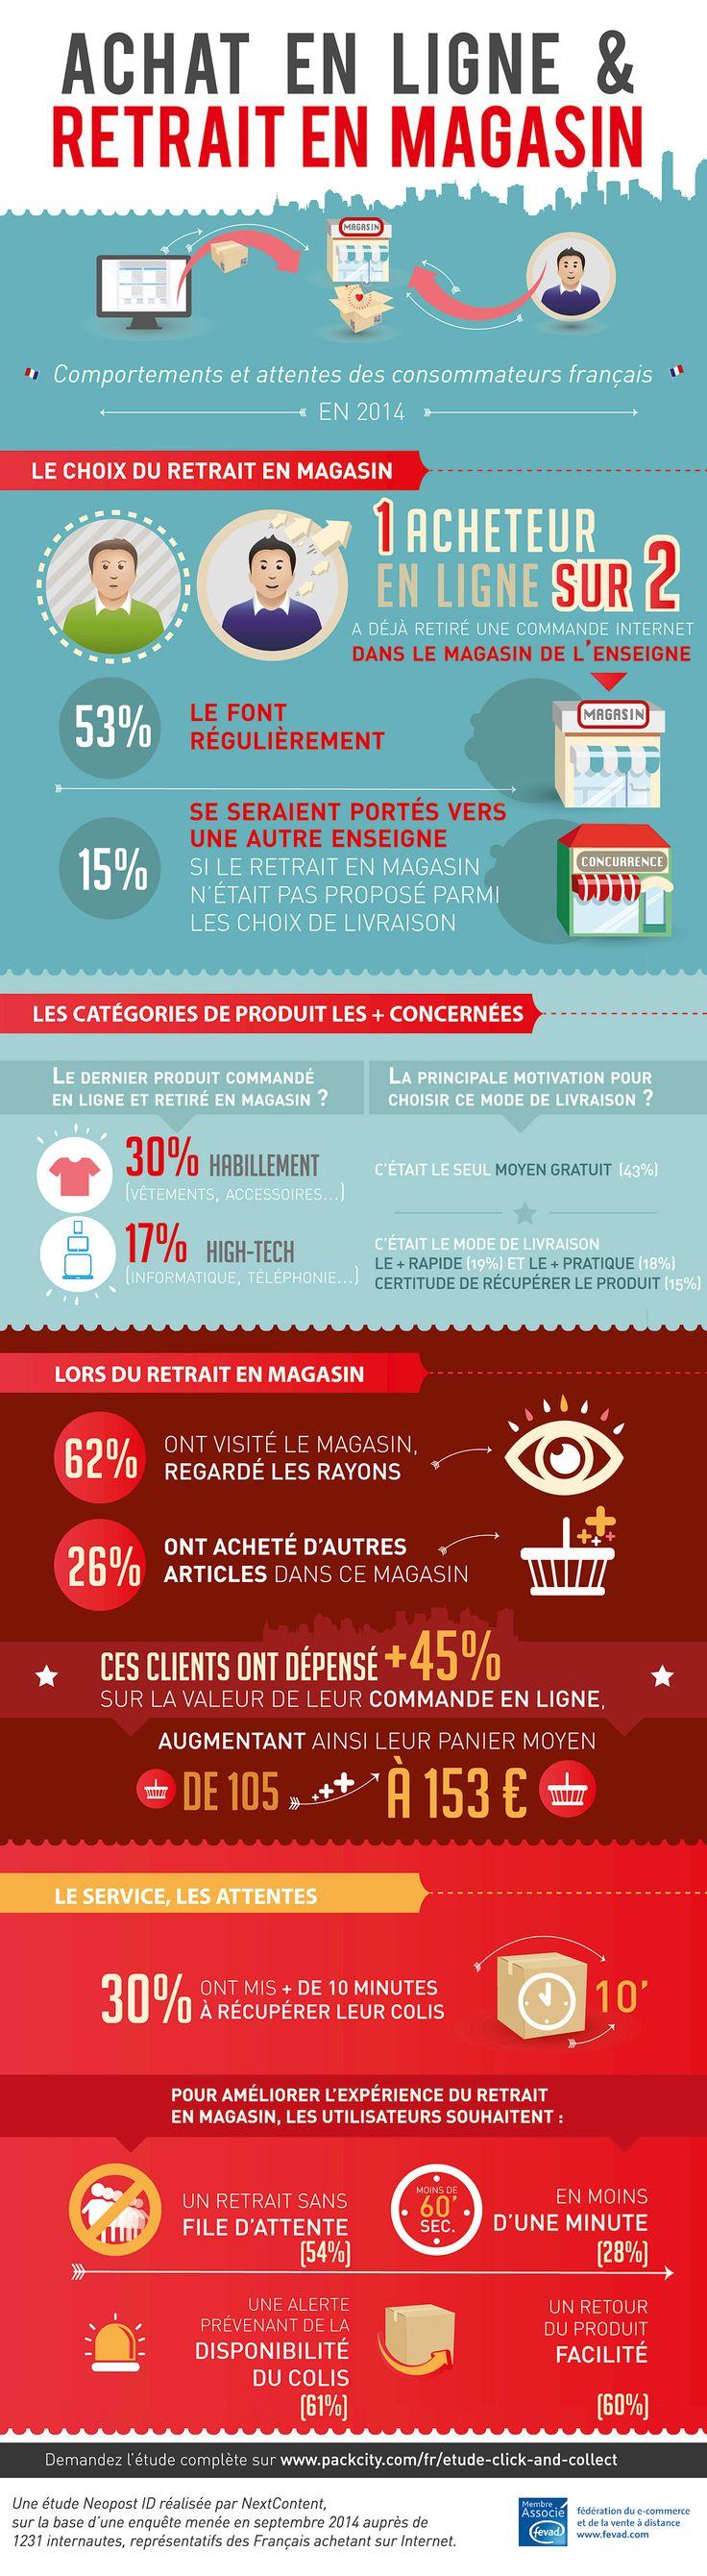 #Infographie Tout savoir sur le #ClickandCollect